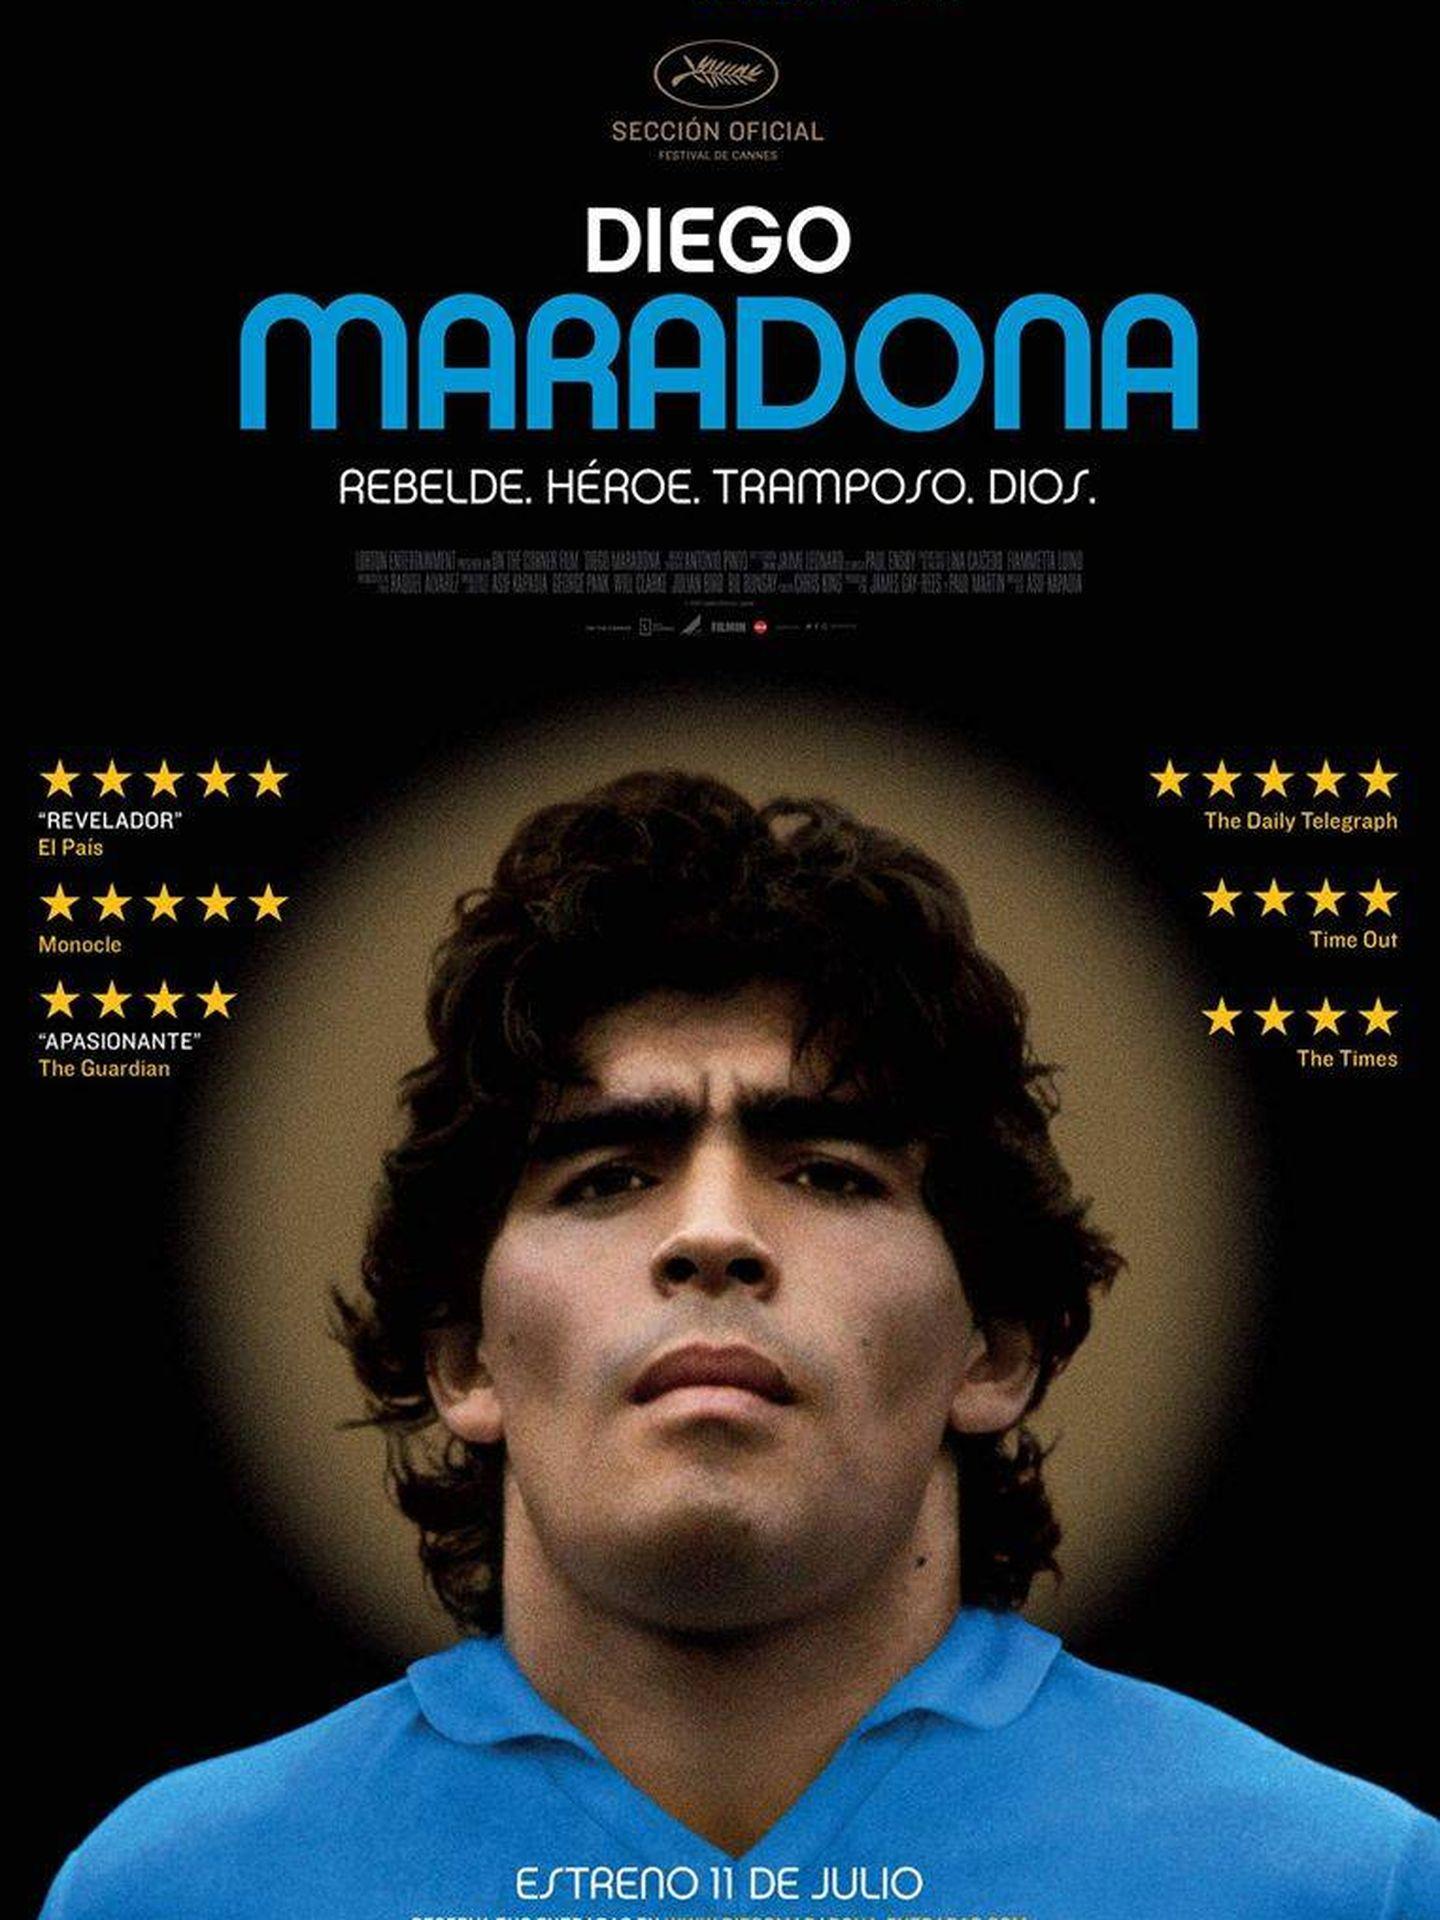 Cartel de 'Diego Maradona'.